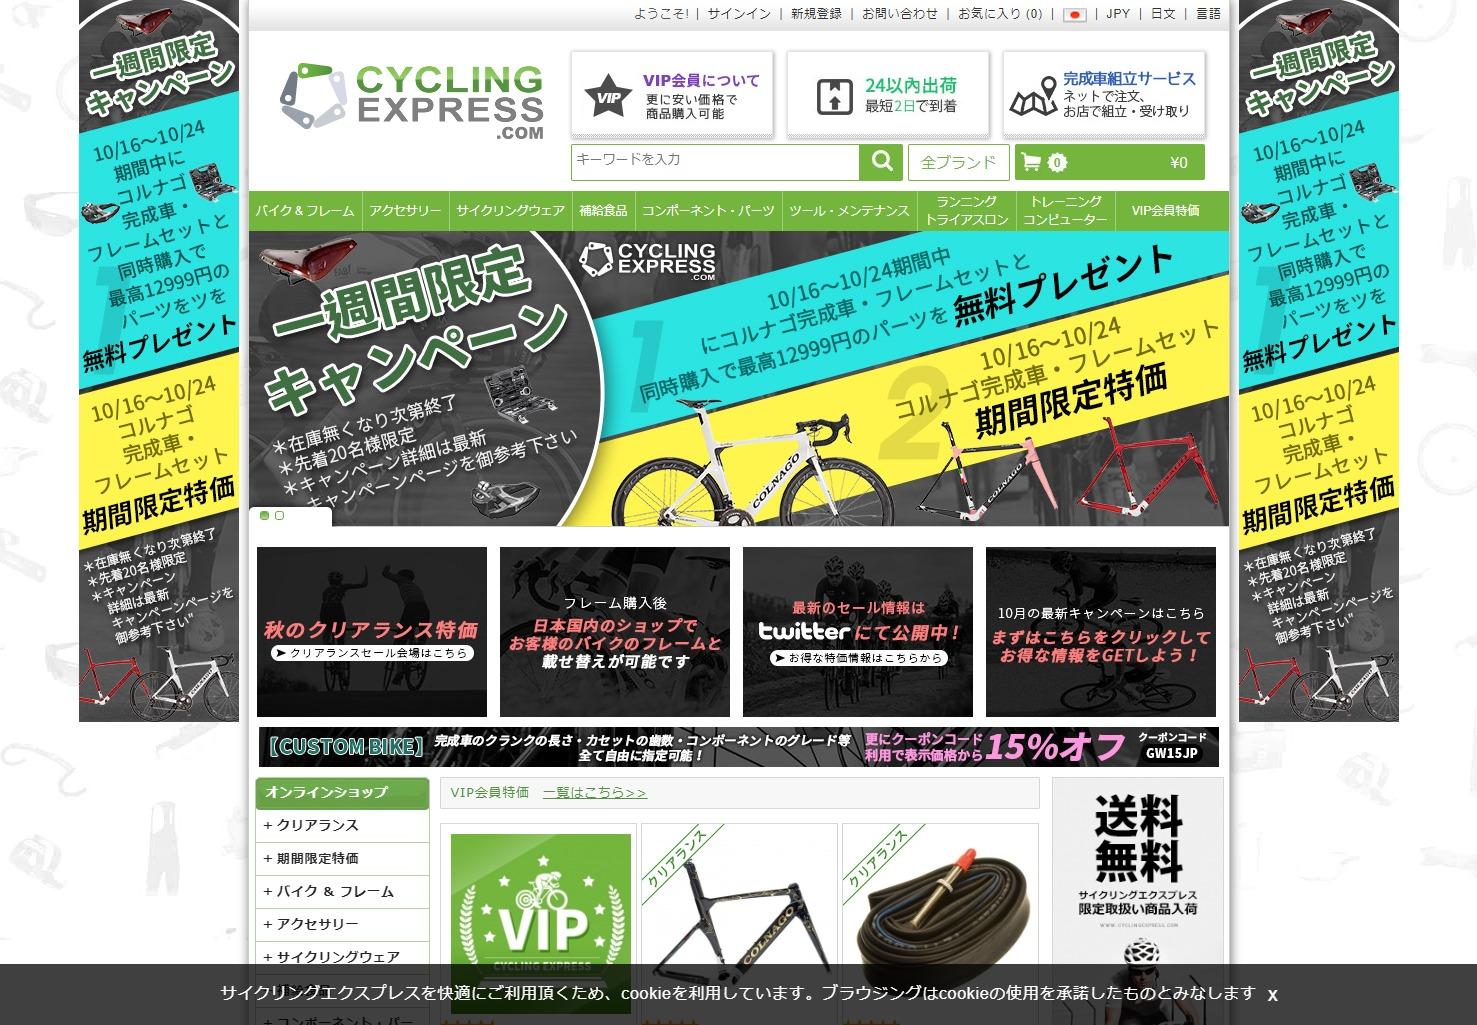 サイクリングエクスプレス(台湾)